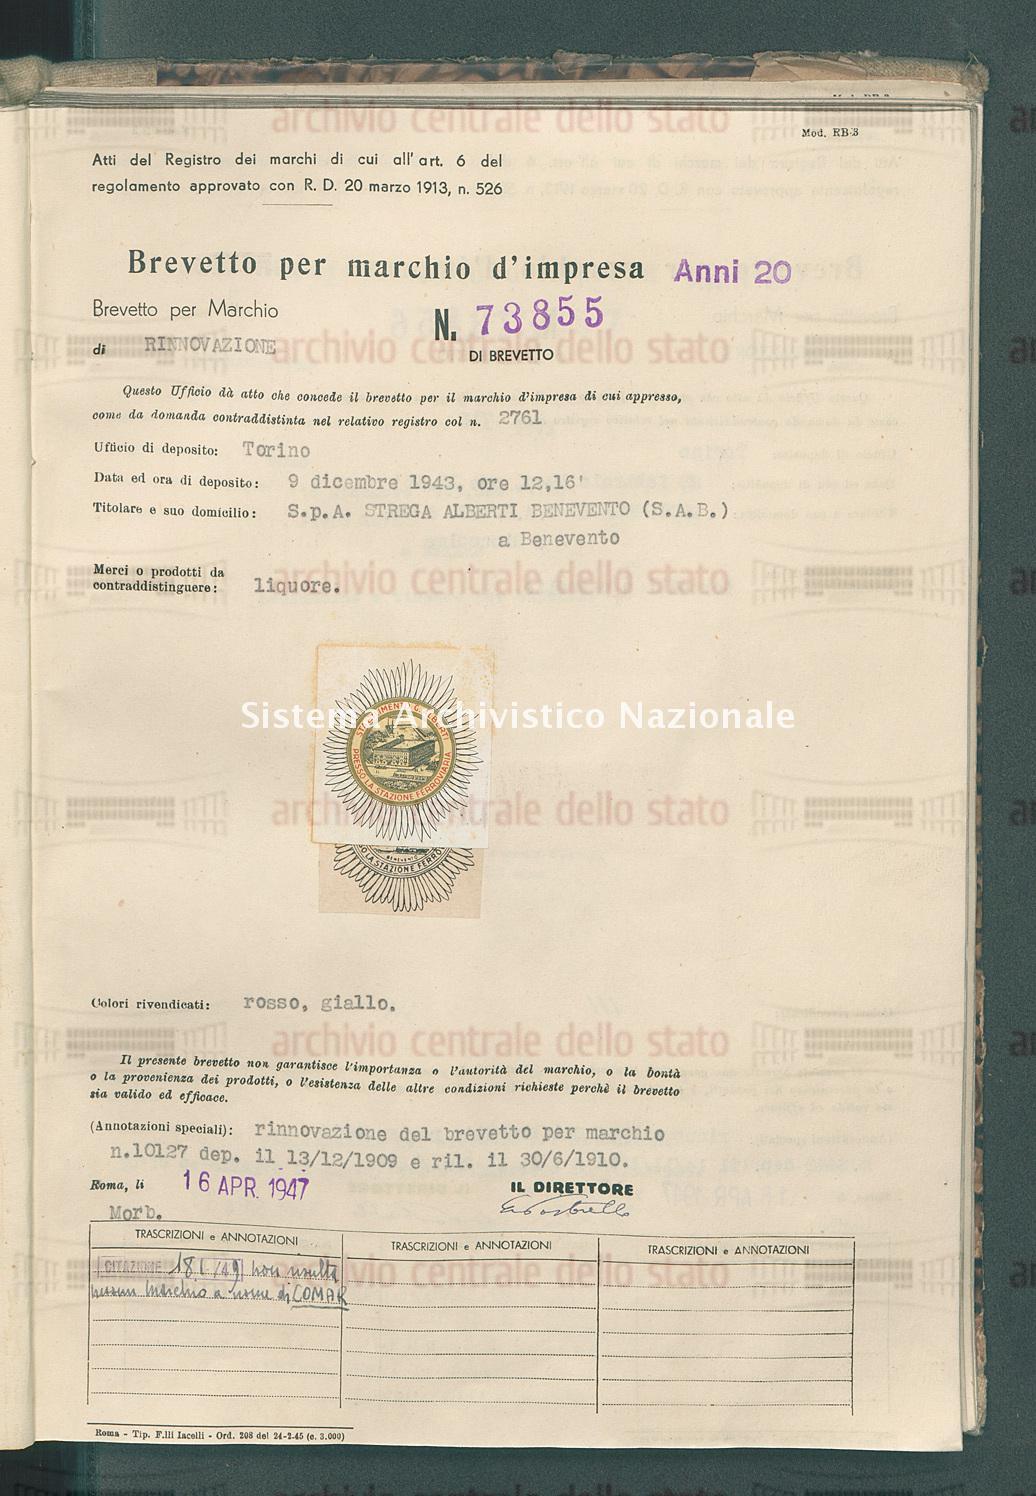 Liquore S.P.A.Strega Alberti Benevento (S.A.B.) (16/04/1947)